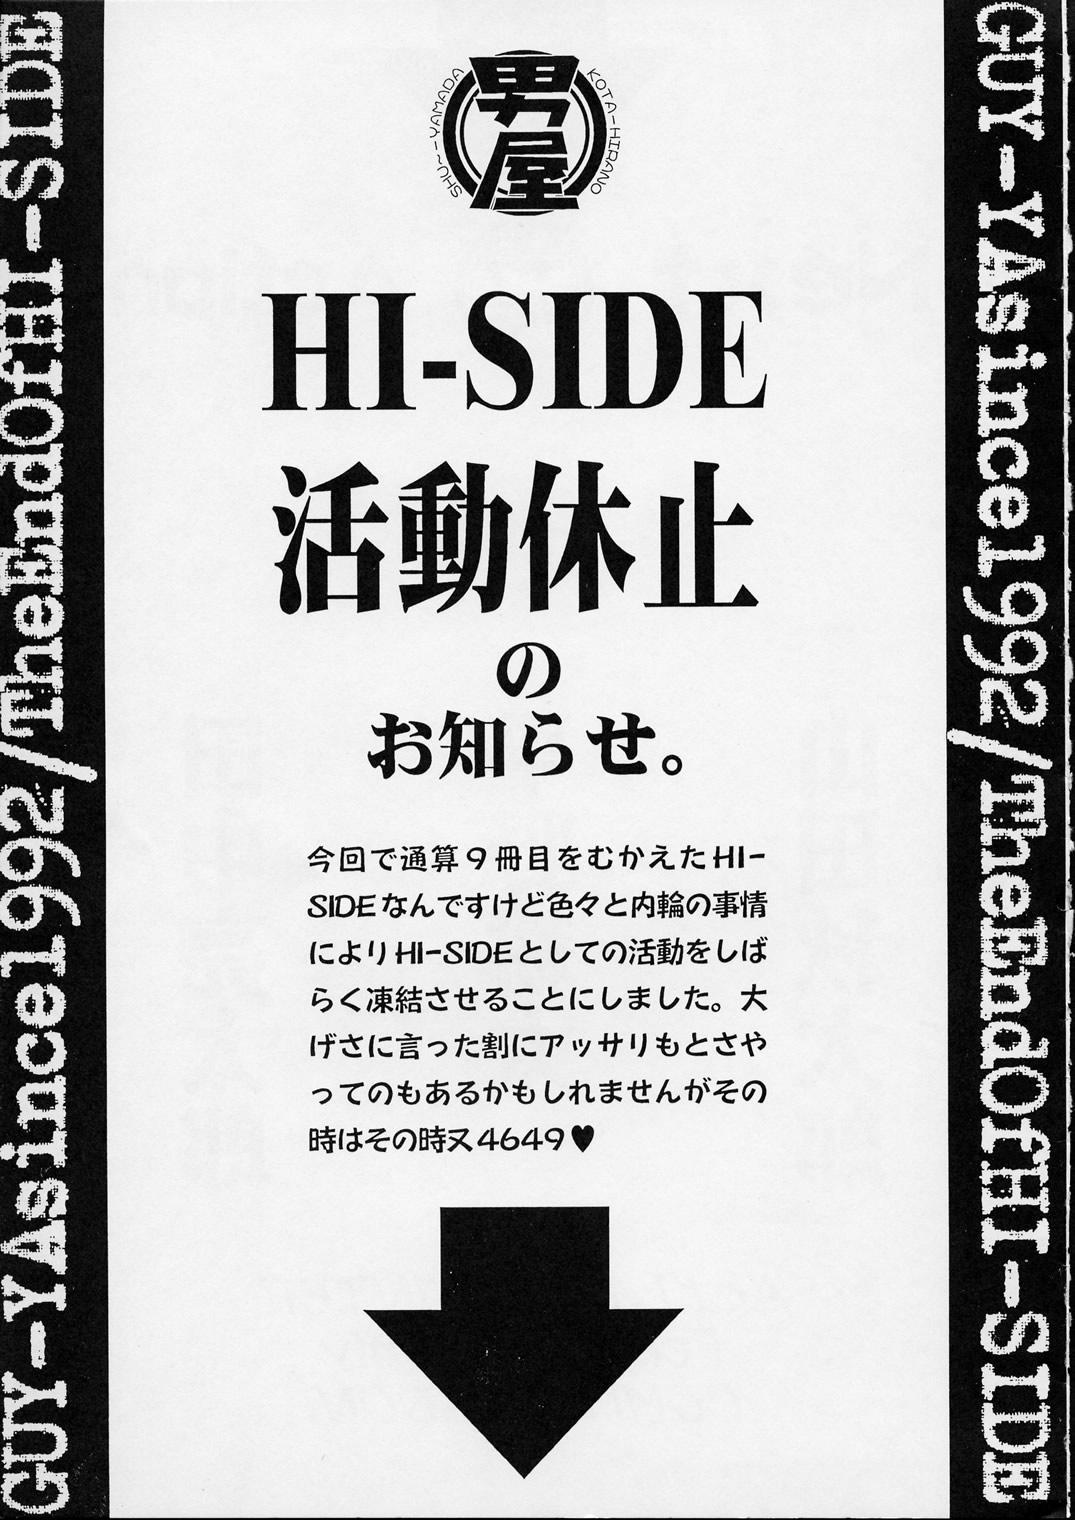 HI SIDE 9 57